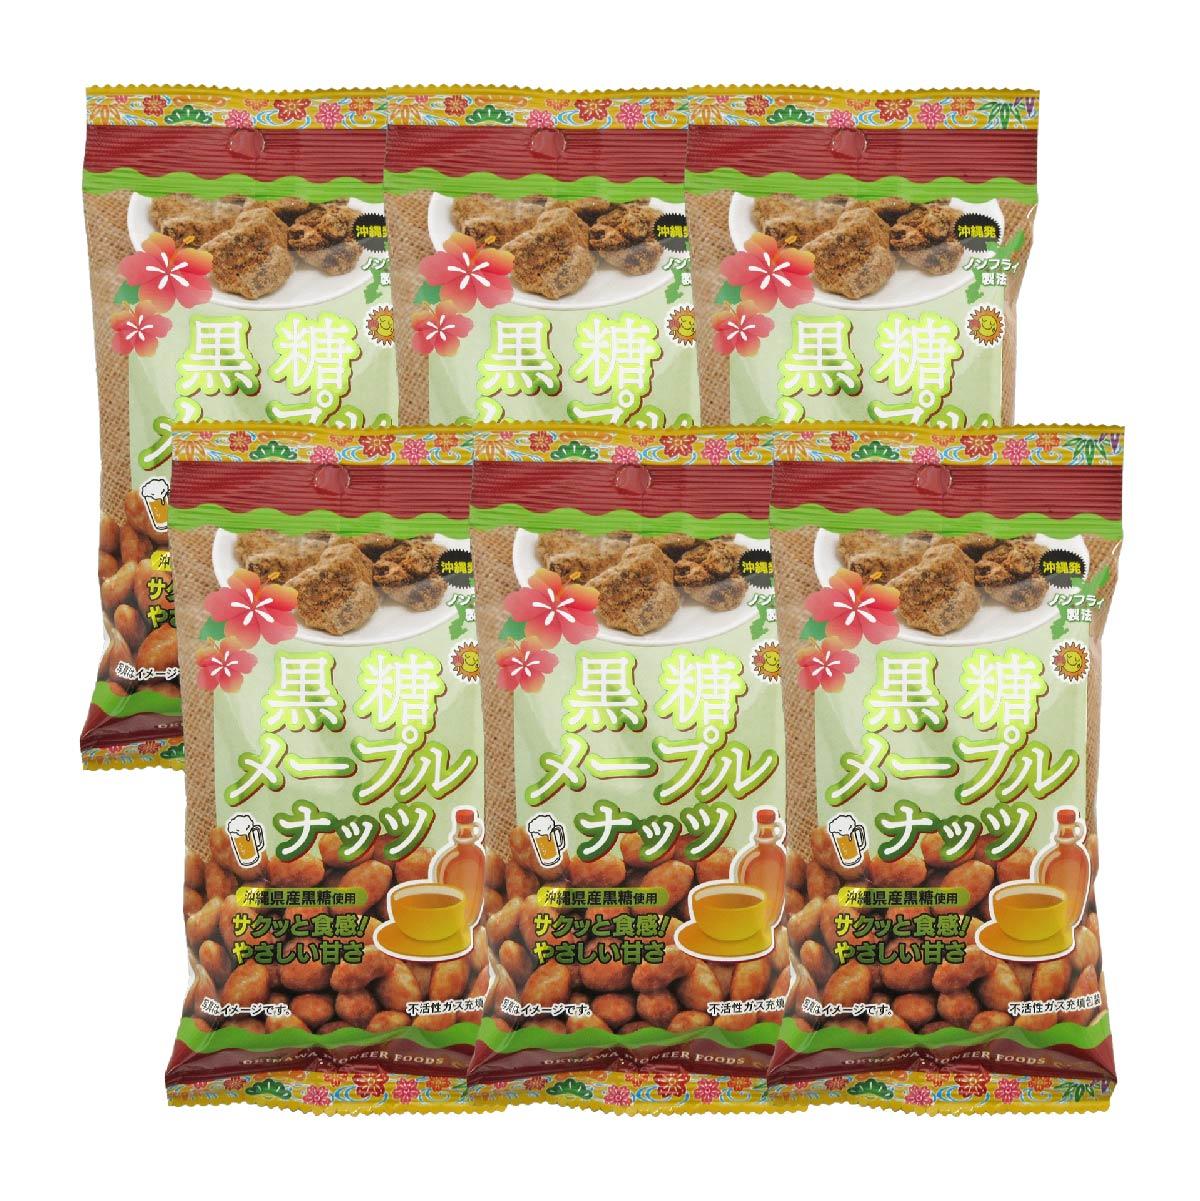 【メール便 送料無料】 黒糖メープルナッツ 40g×6袋セット